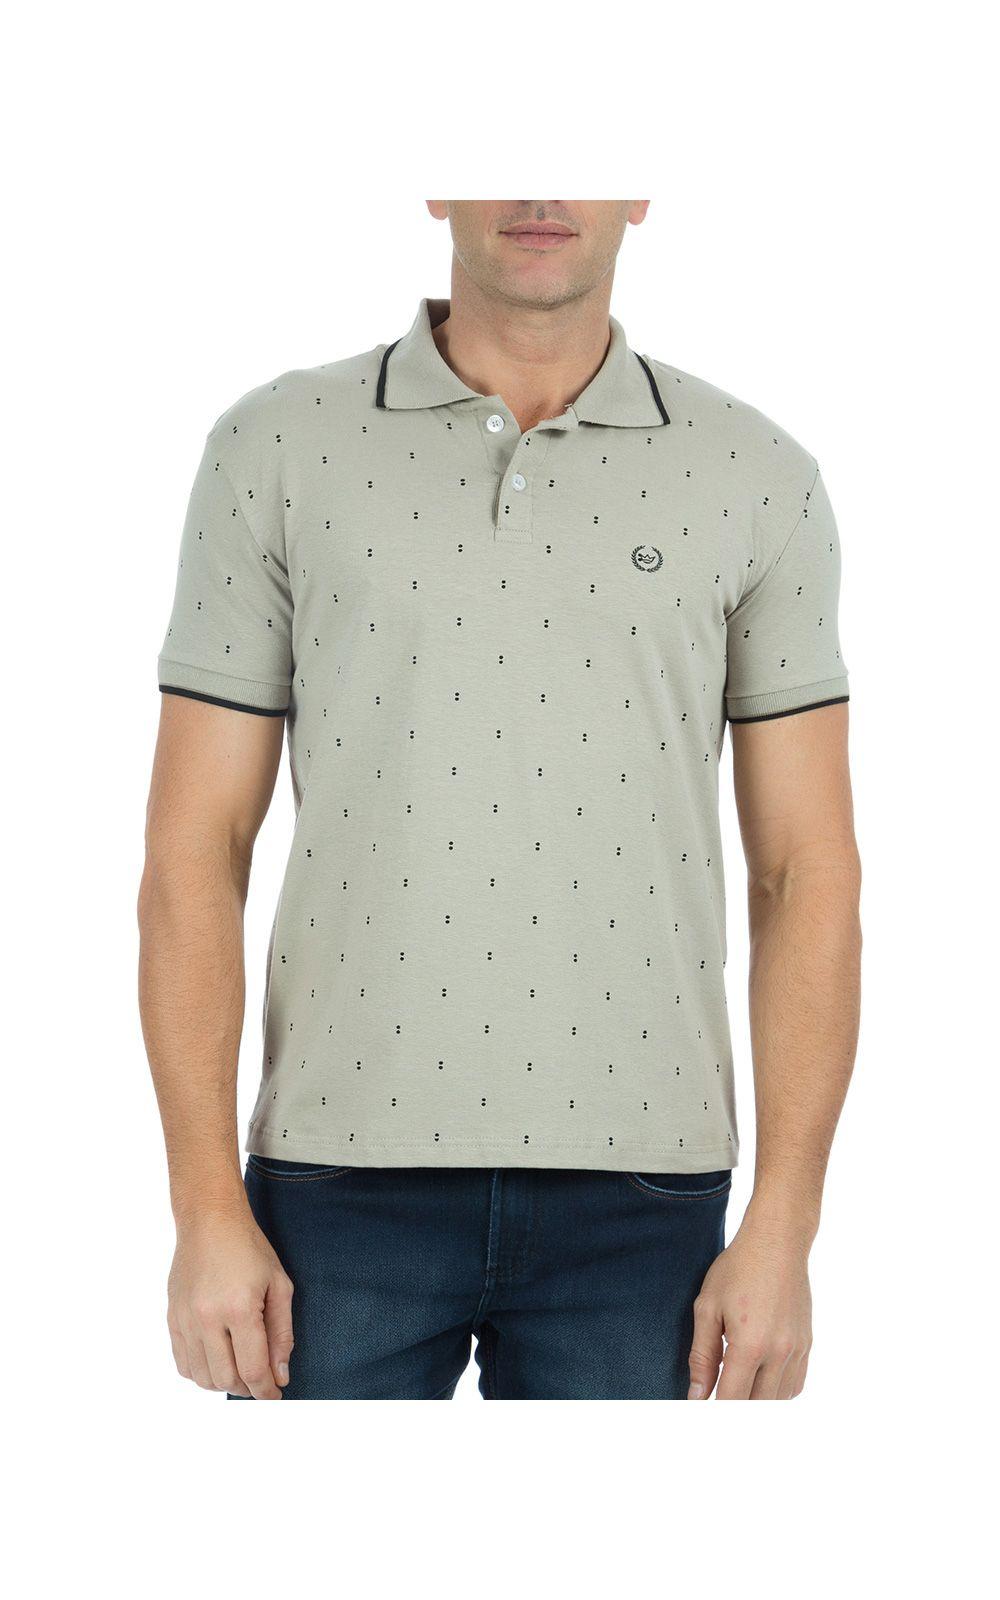 f4e20416f6 Camisa Polo Masculina Cinza Estampada